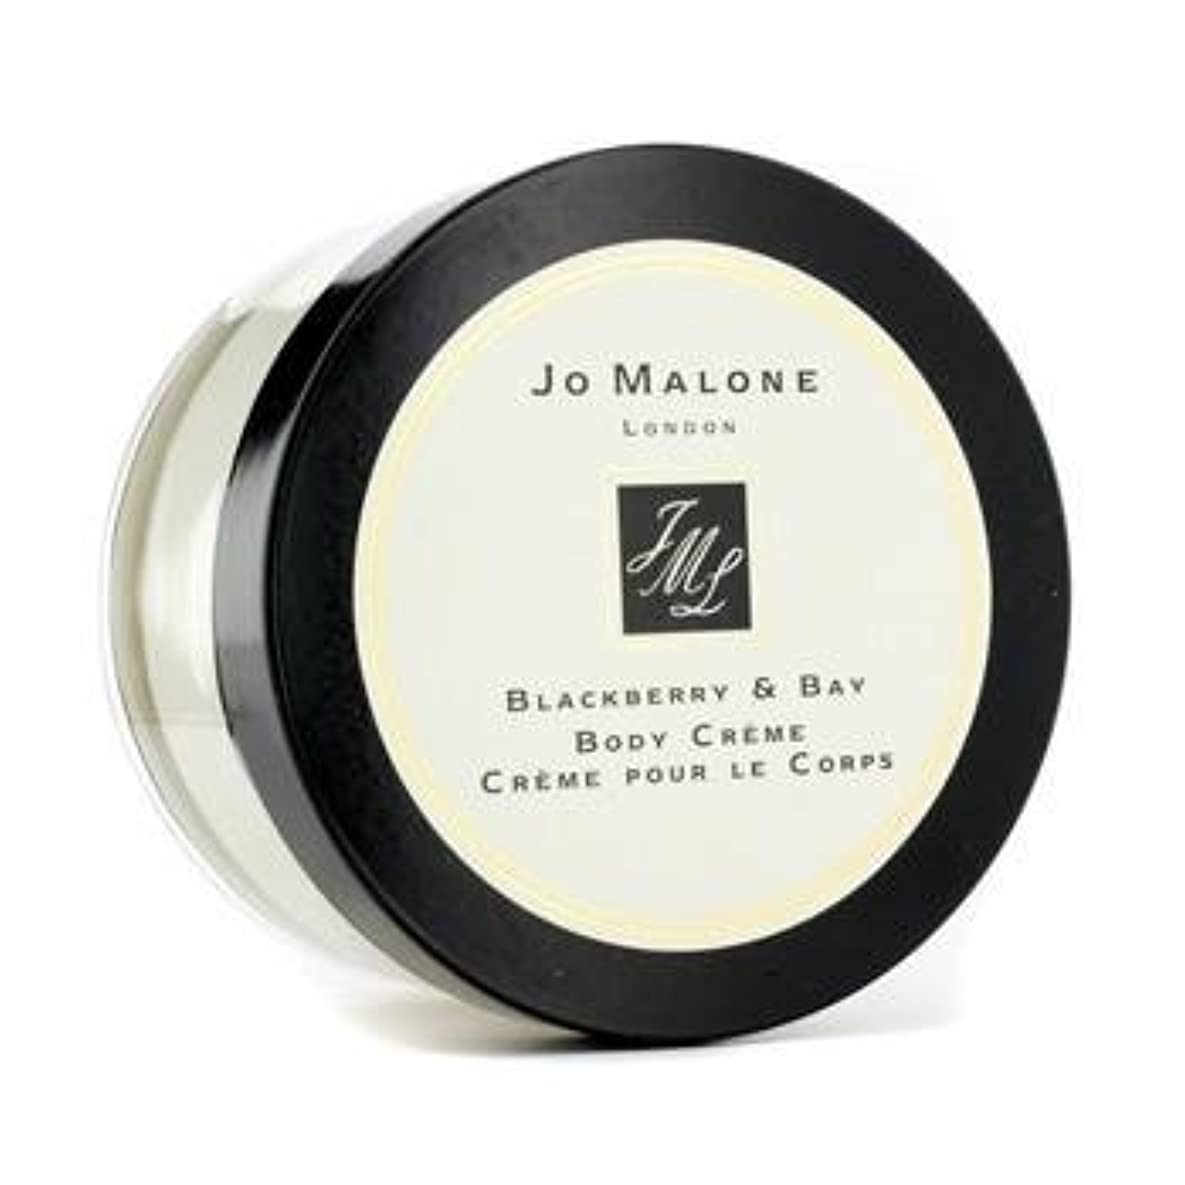 マークされた小数老人JO MALONE ジョー マローン ブラックベリー & ベイ ボディクリーム 175ml [並行輸入品]